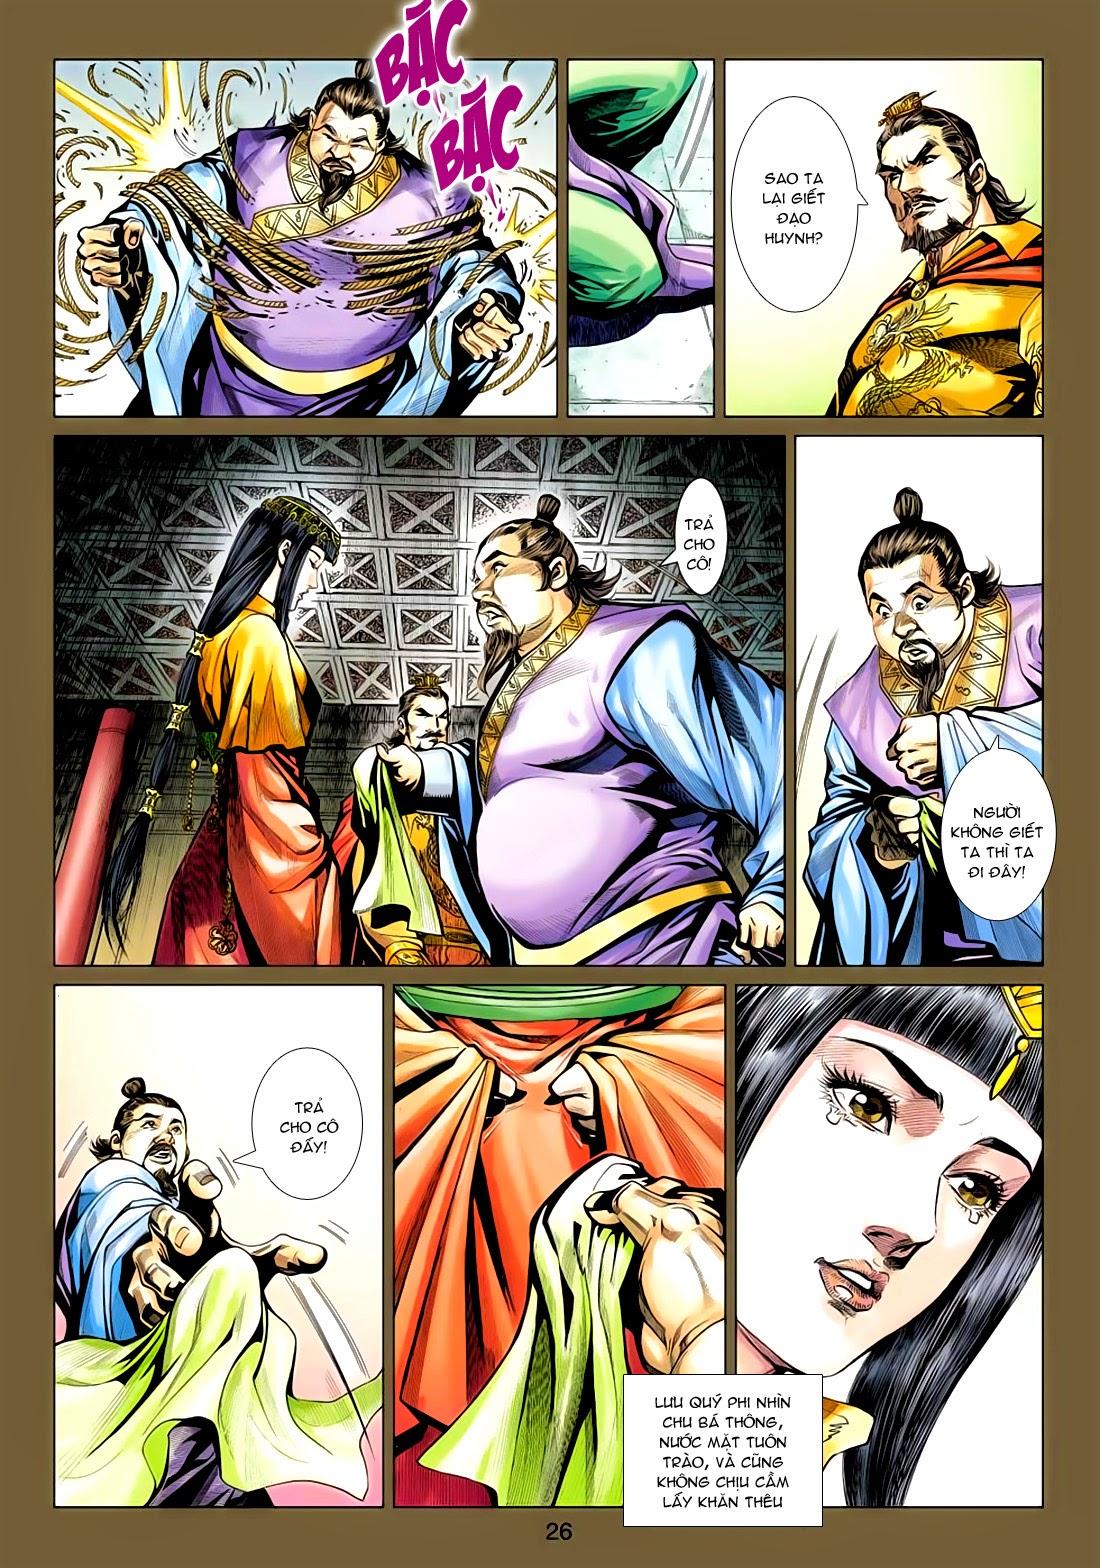 Anh Hùng Xạ Điêu anh hùng xạ đêu chap 77: thế thượng tối cường võ công trang 26